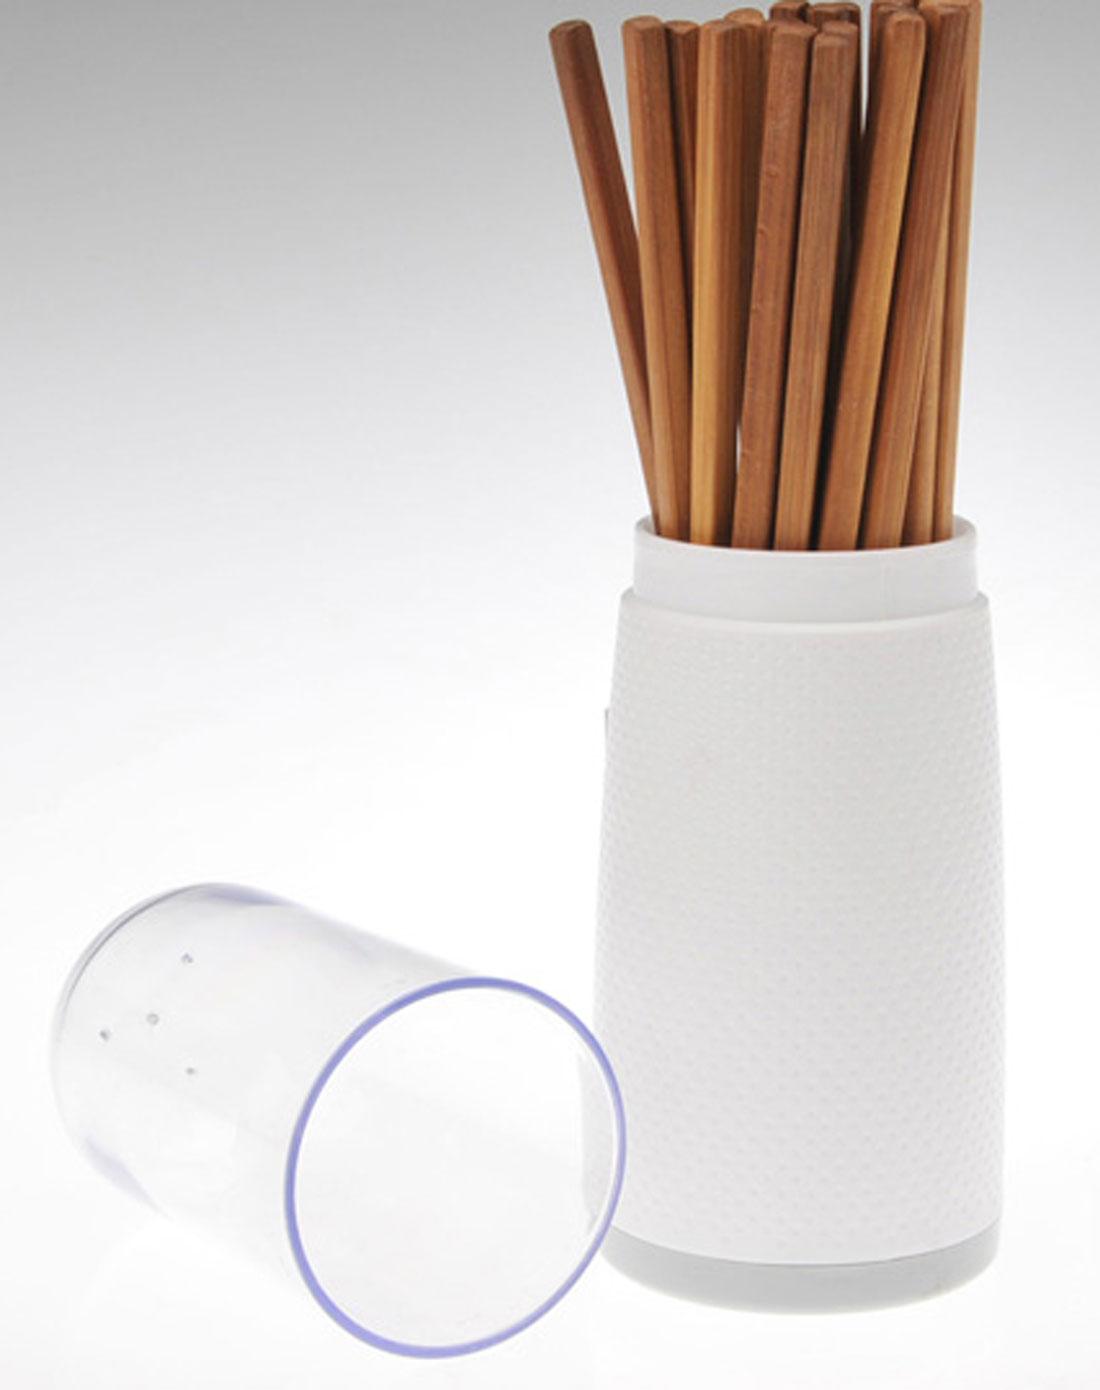 拿筷子的步骤图